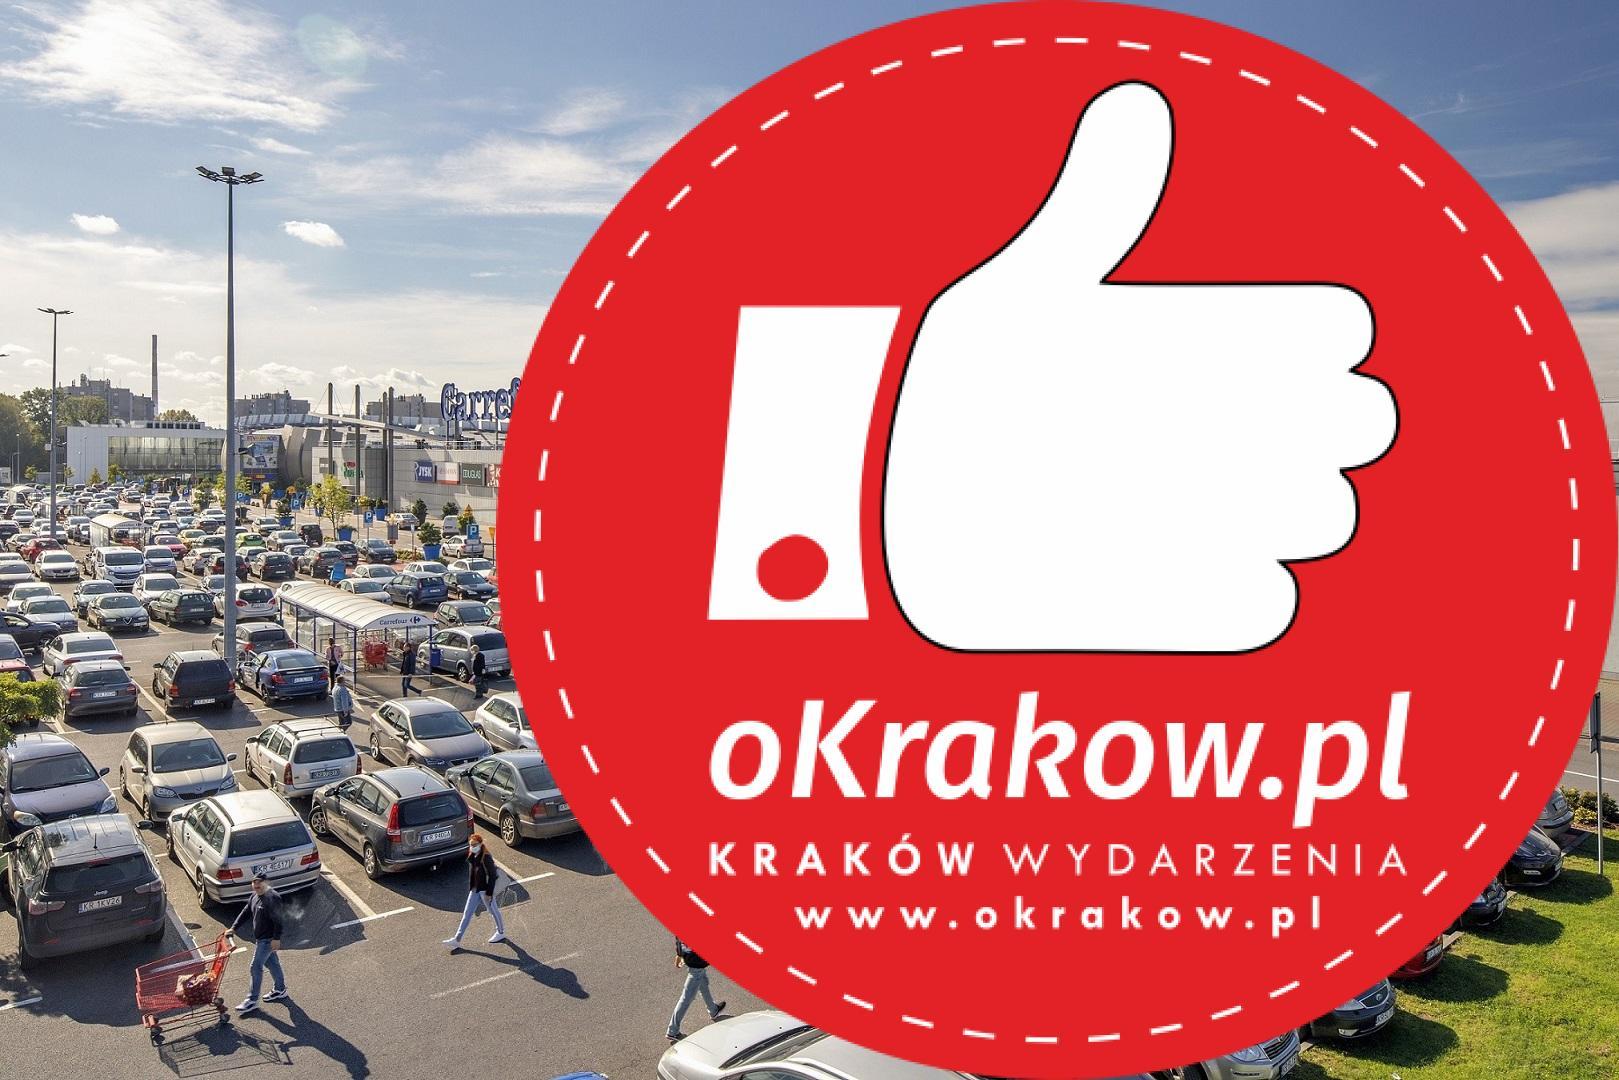 nowe czyzyny fot newbridge 7 - W centrum handlowym Nowe Czyżyny powstanie czytelnia. Ma zachęcać do sięgania po lektury